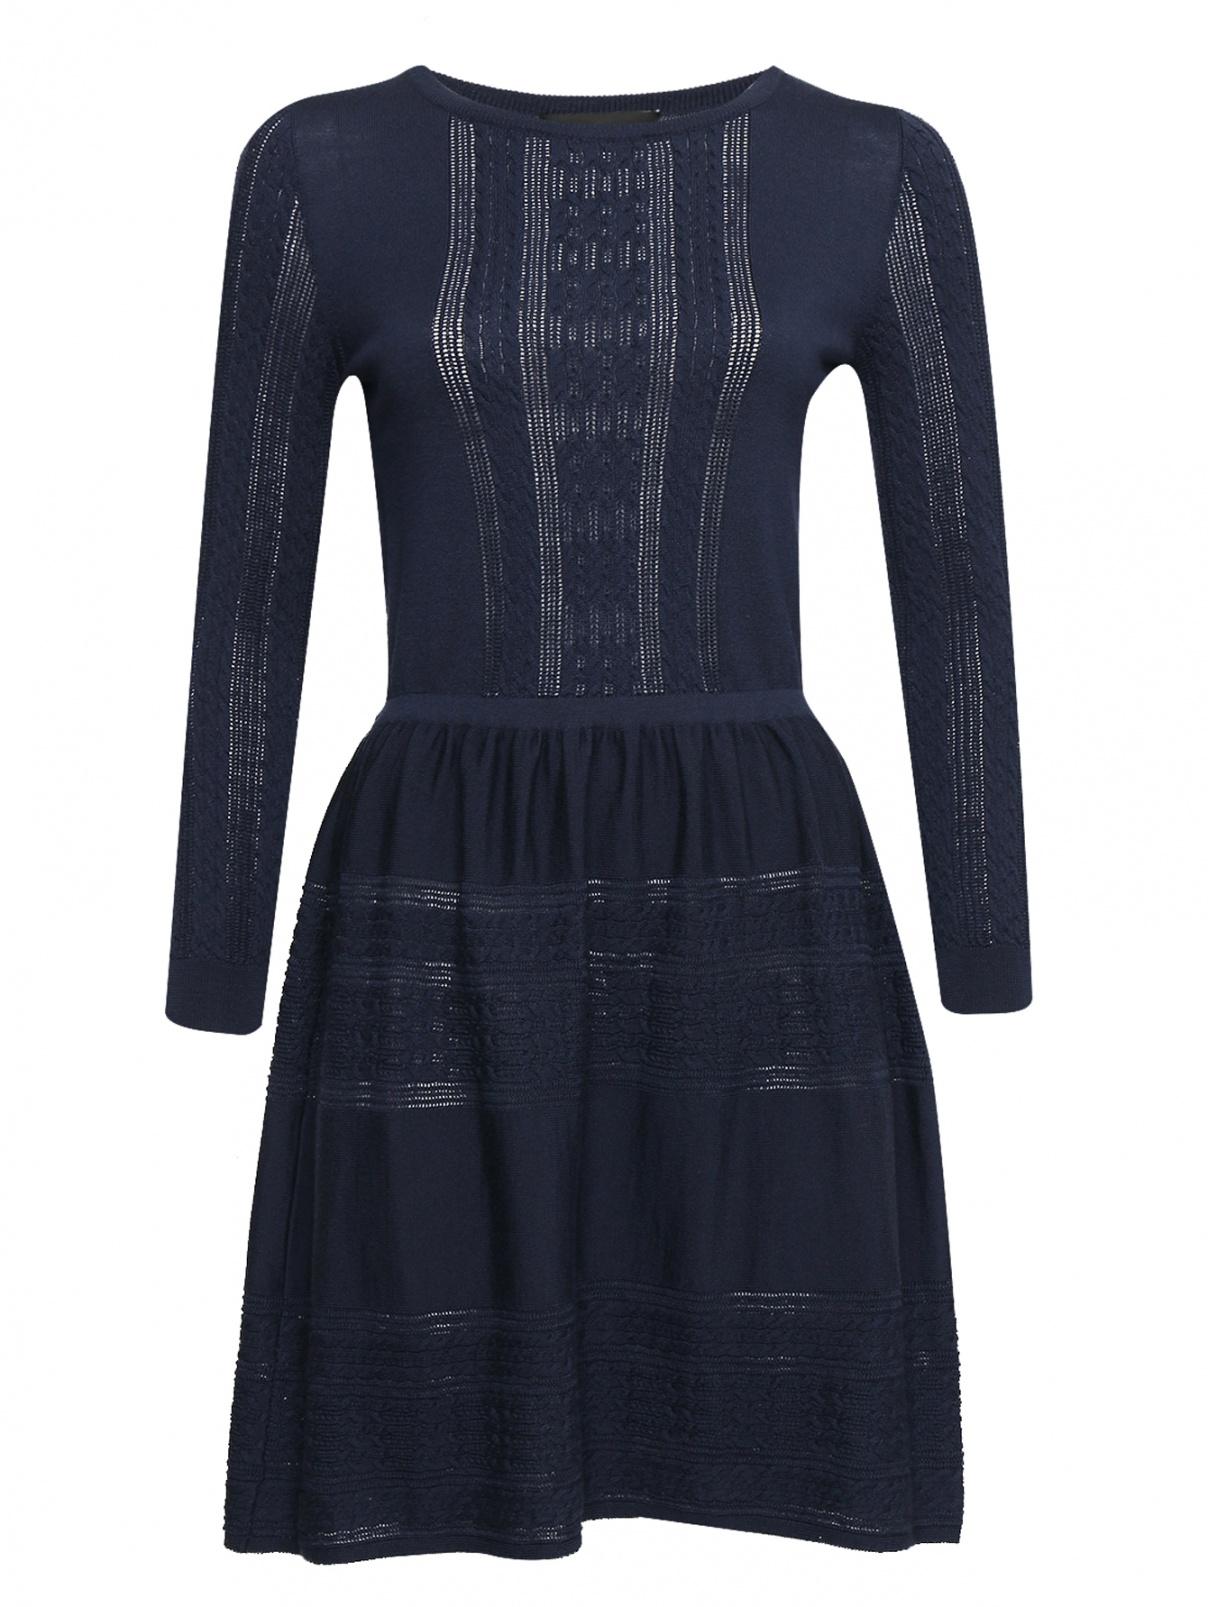 Трикотажное платье из шерсти BOUTIQUE MOSCHINO  –  Общий вид  – Цвет:  Синий